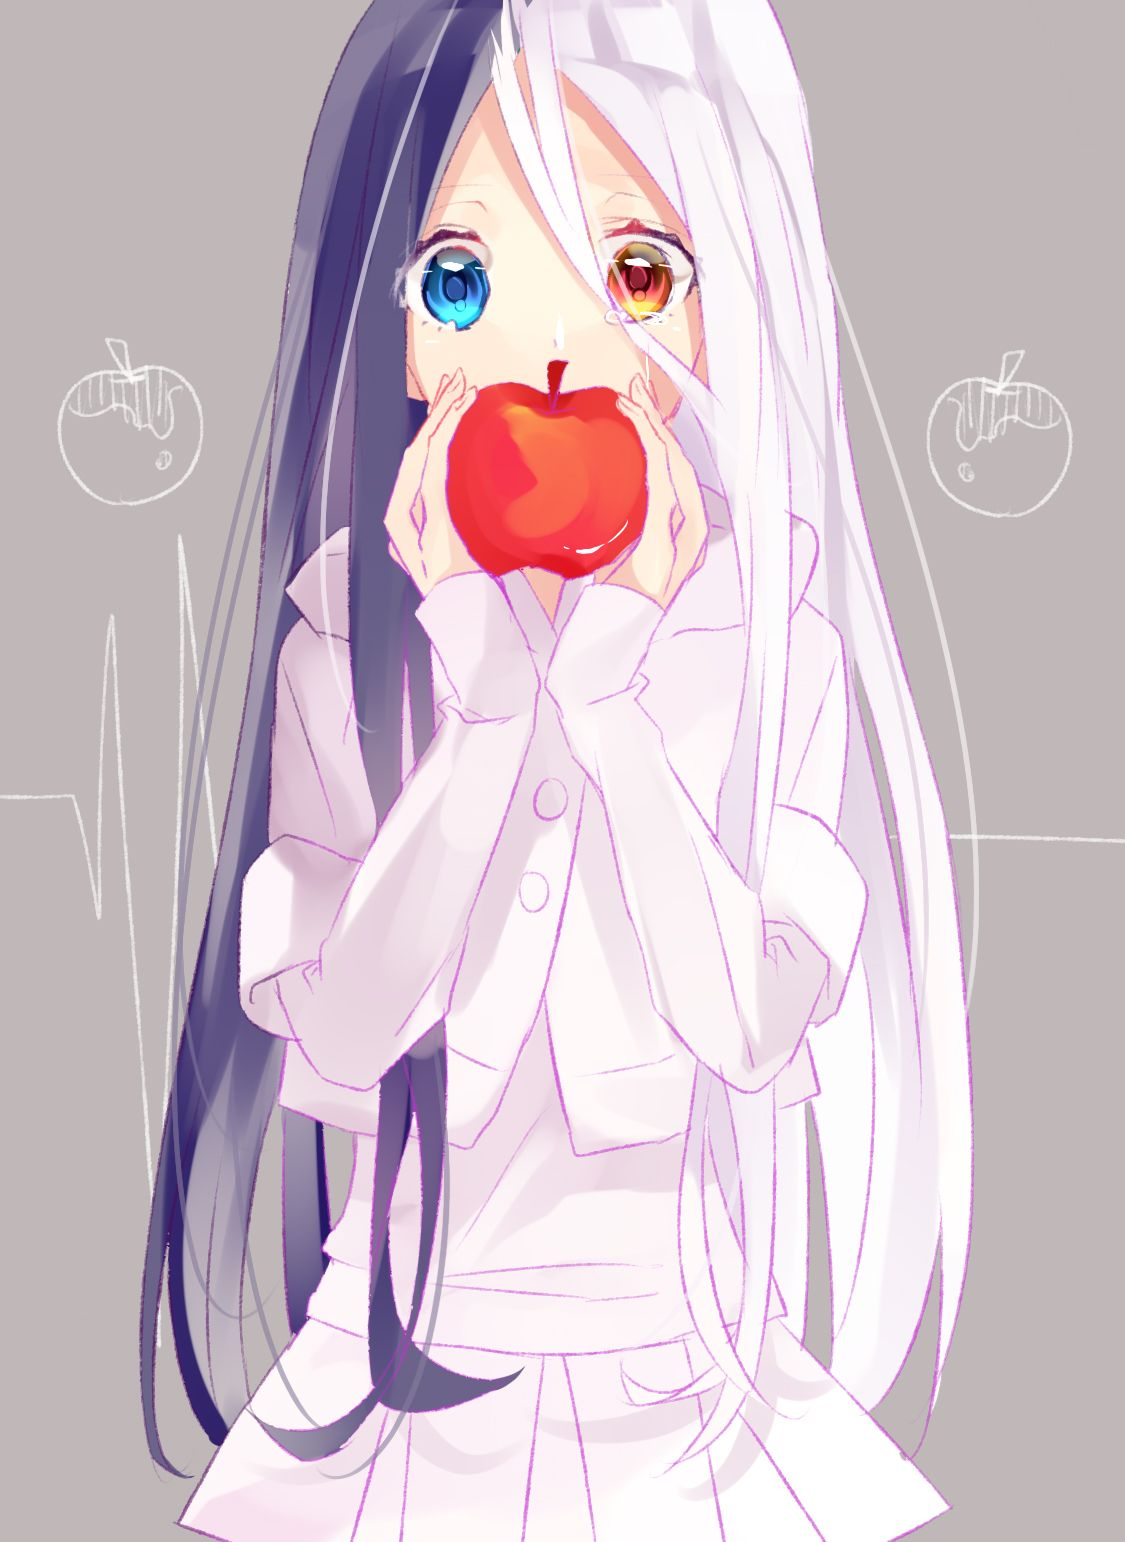 Anime heterochromia / odd eyes blue orange (snow white